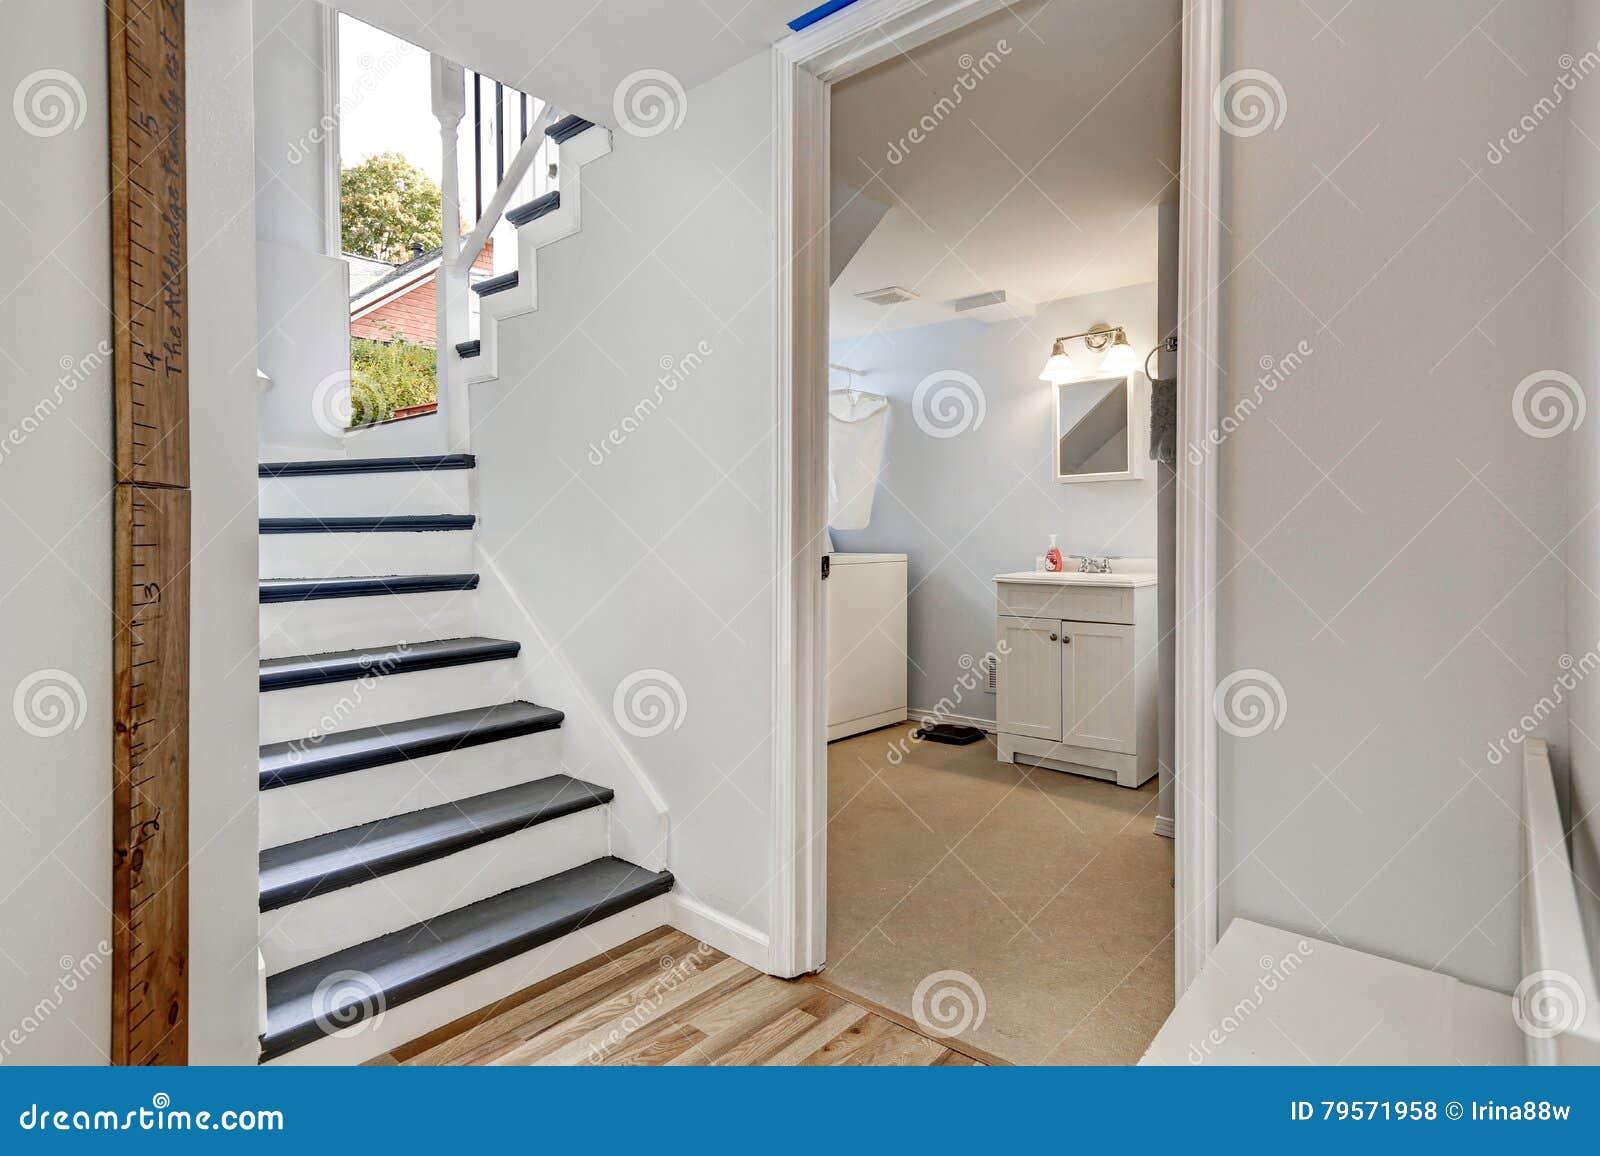 Treppenhaus In Der Halle Mit Offener Tür Ins Badezimmer Stockfoto ...